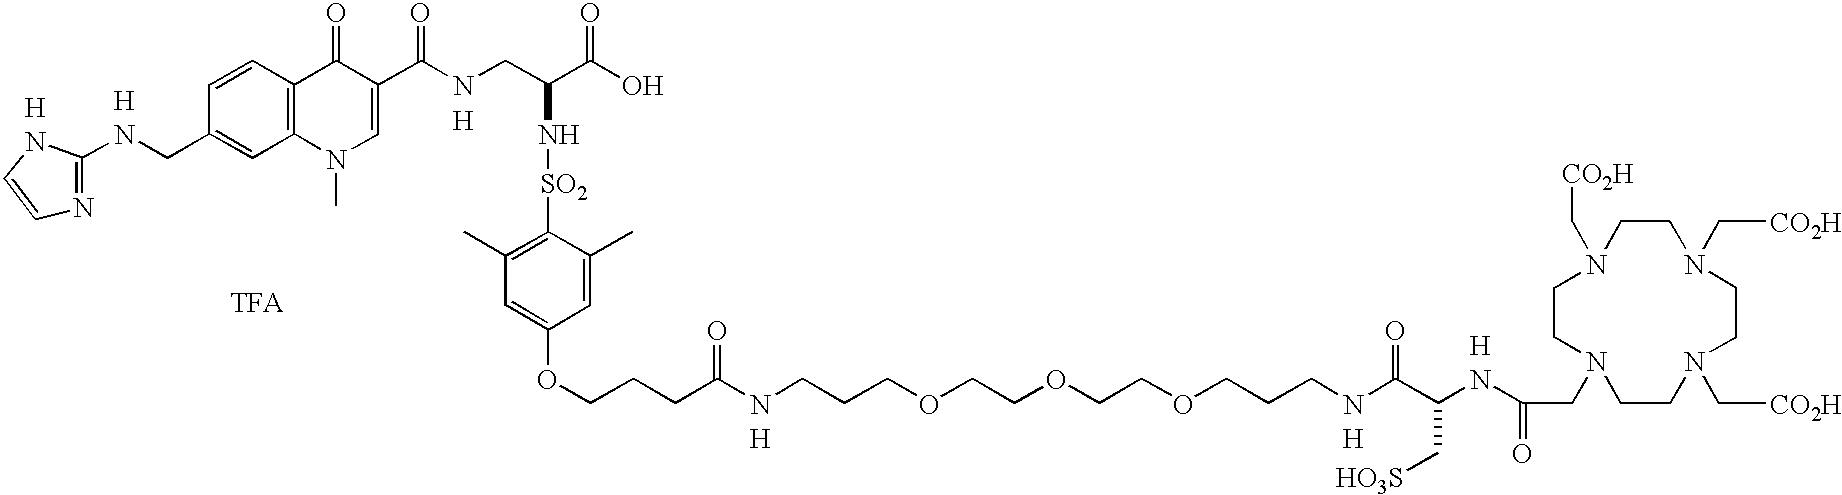 Figure US06683163-20040127-C00084